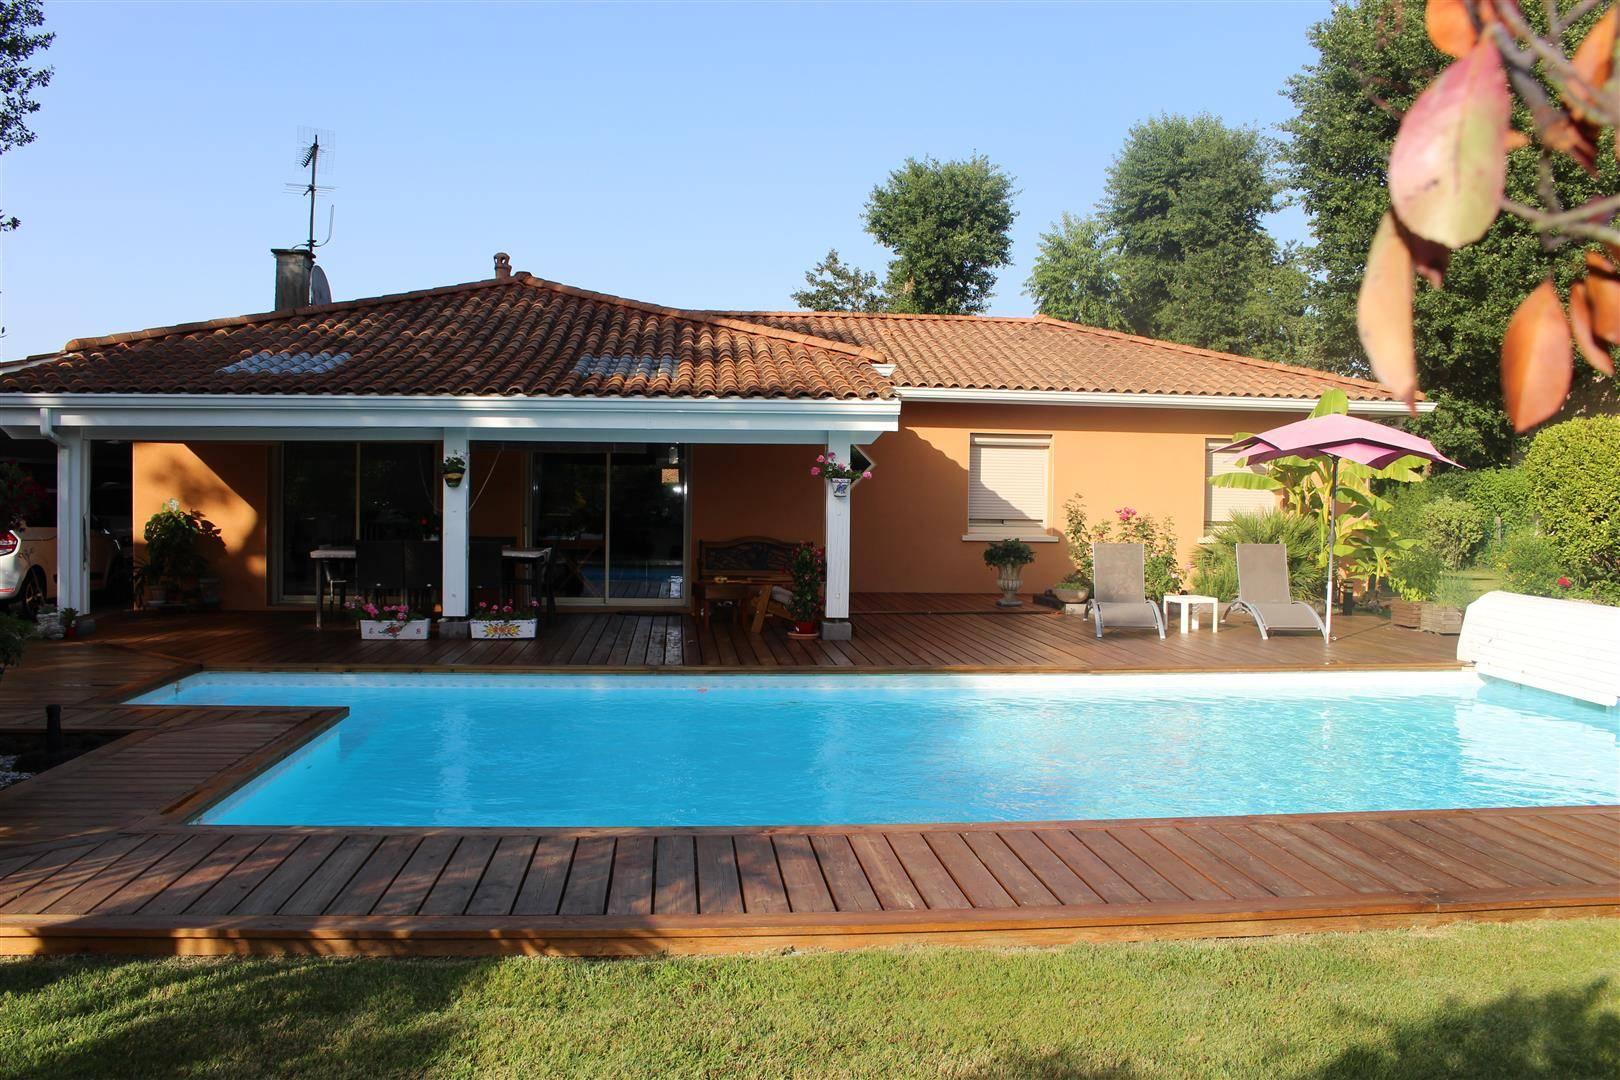 Maison De Plain Pied 120M²,avec Piscine 3 Chambres Sur 929M² ... avec Piscine Cestas